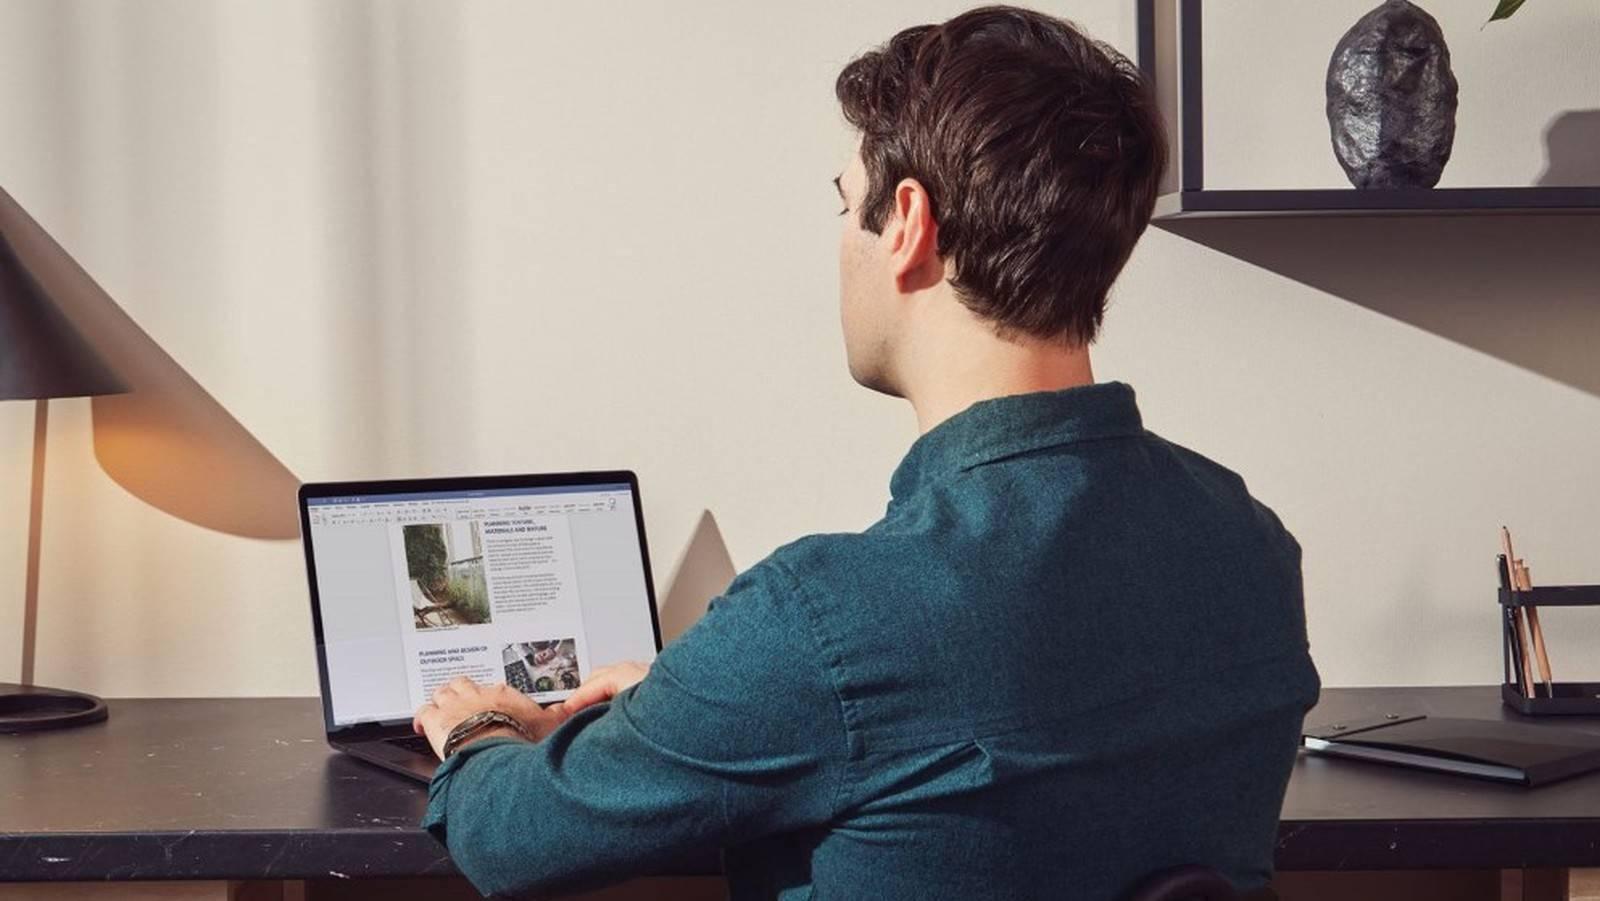 早高FENG:Office 2021将于今年晚些时候登陆Mac/小米米聊服务正式关停